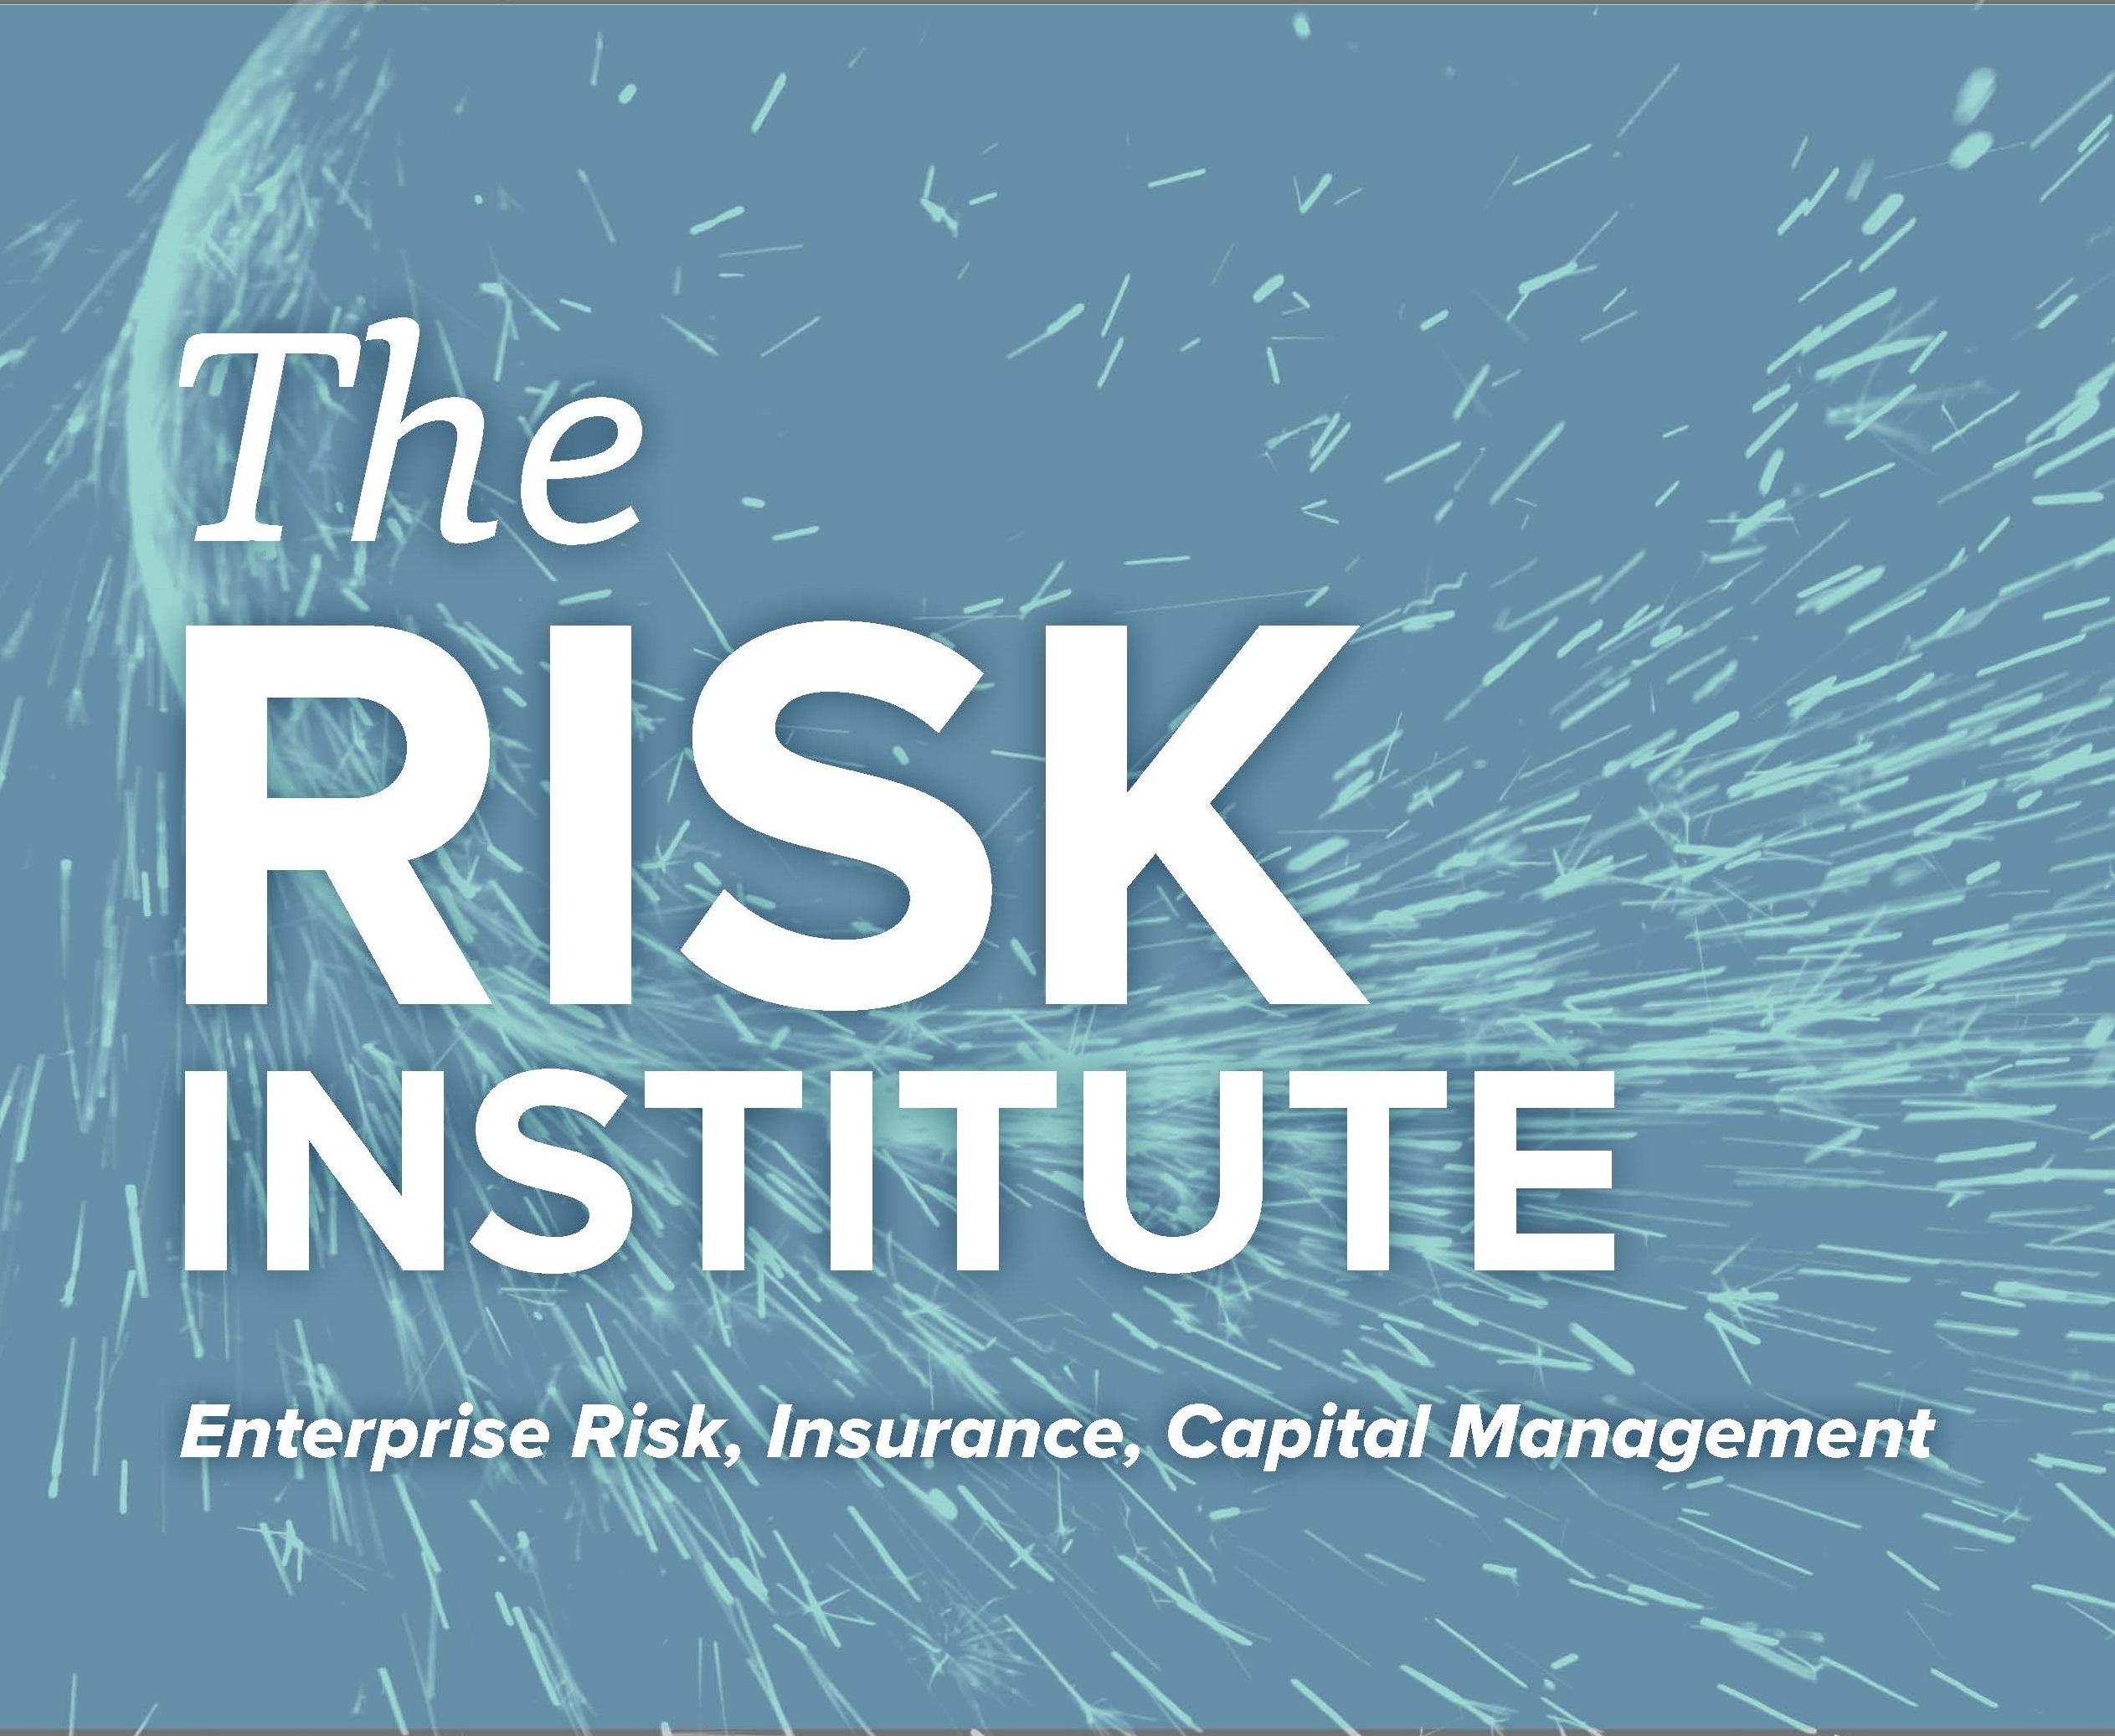 RiskInstitute_block D